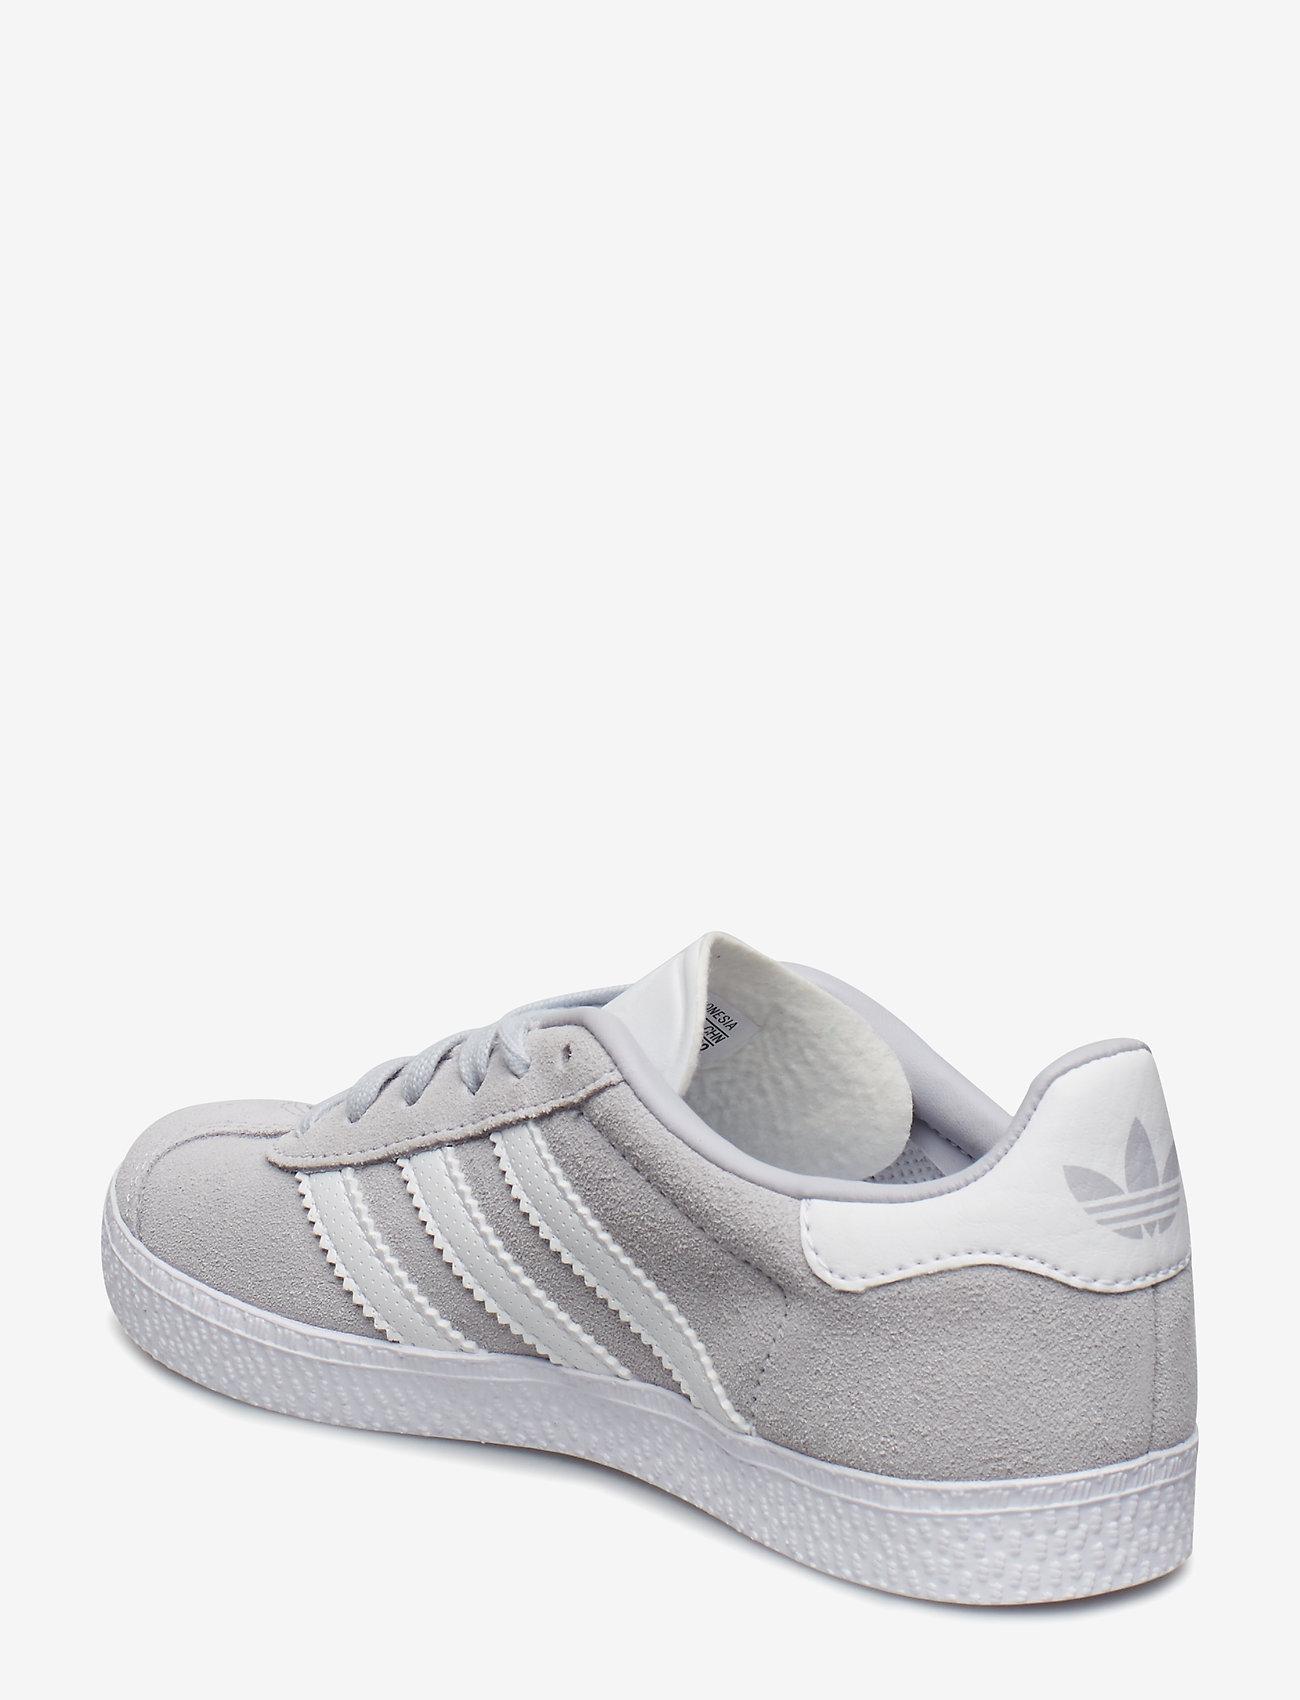 Adidas Originals Gazelle C Aerblu/ftwwht/ftwwht